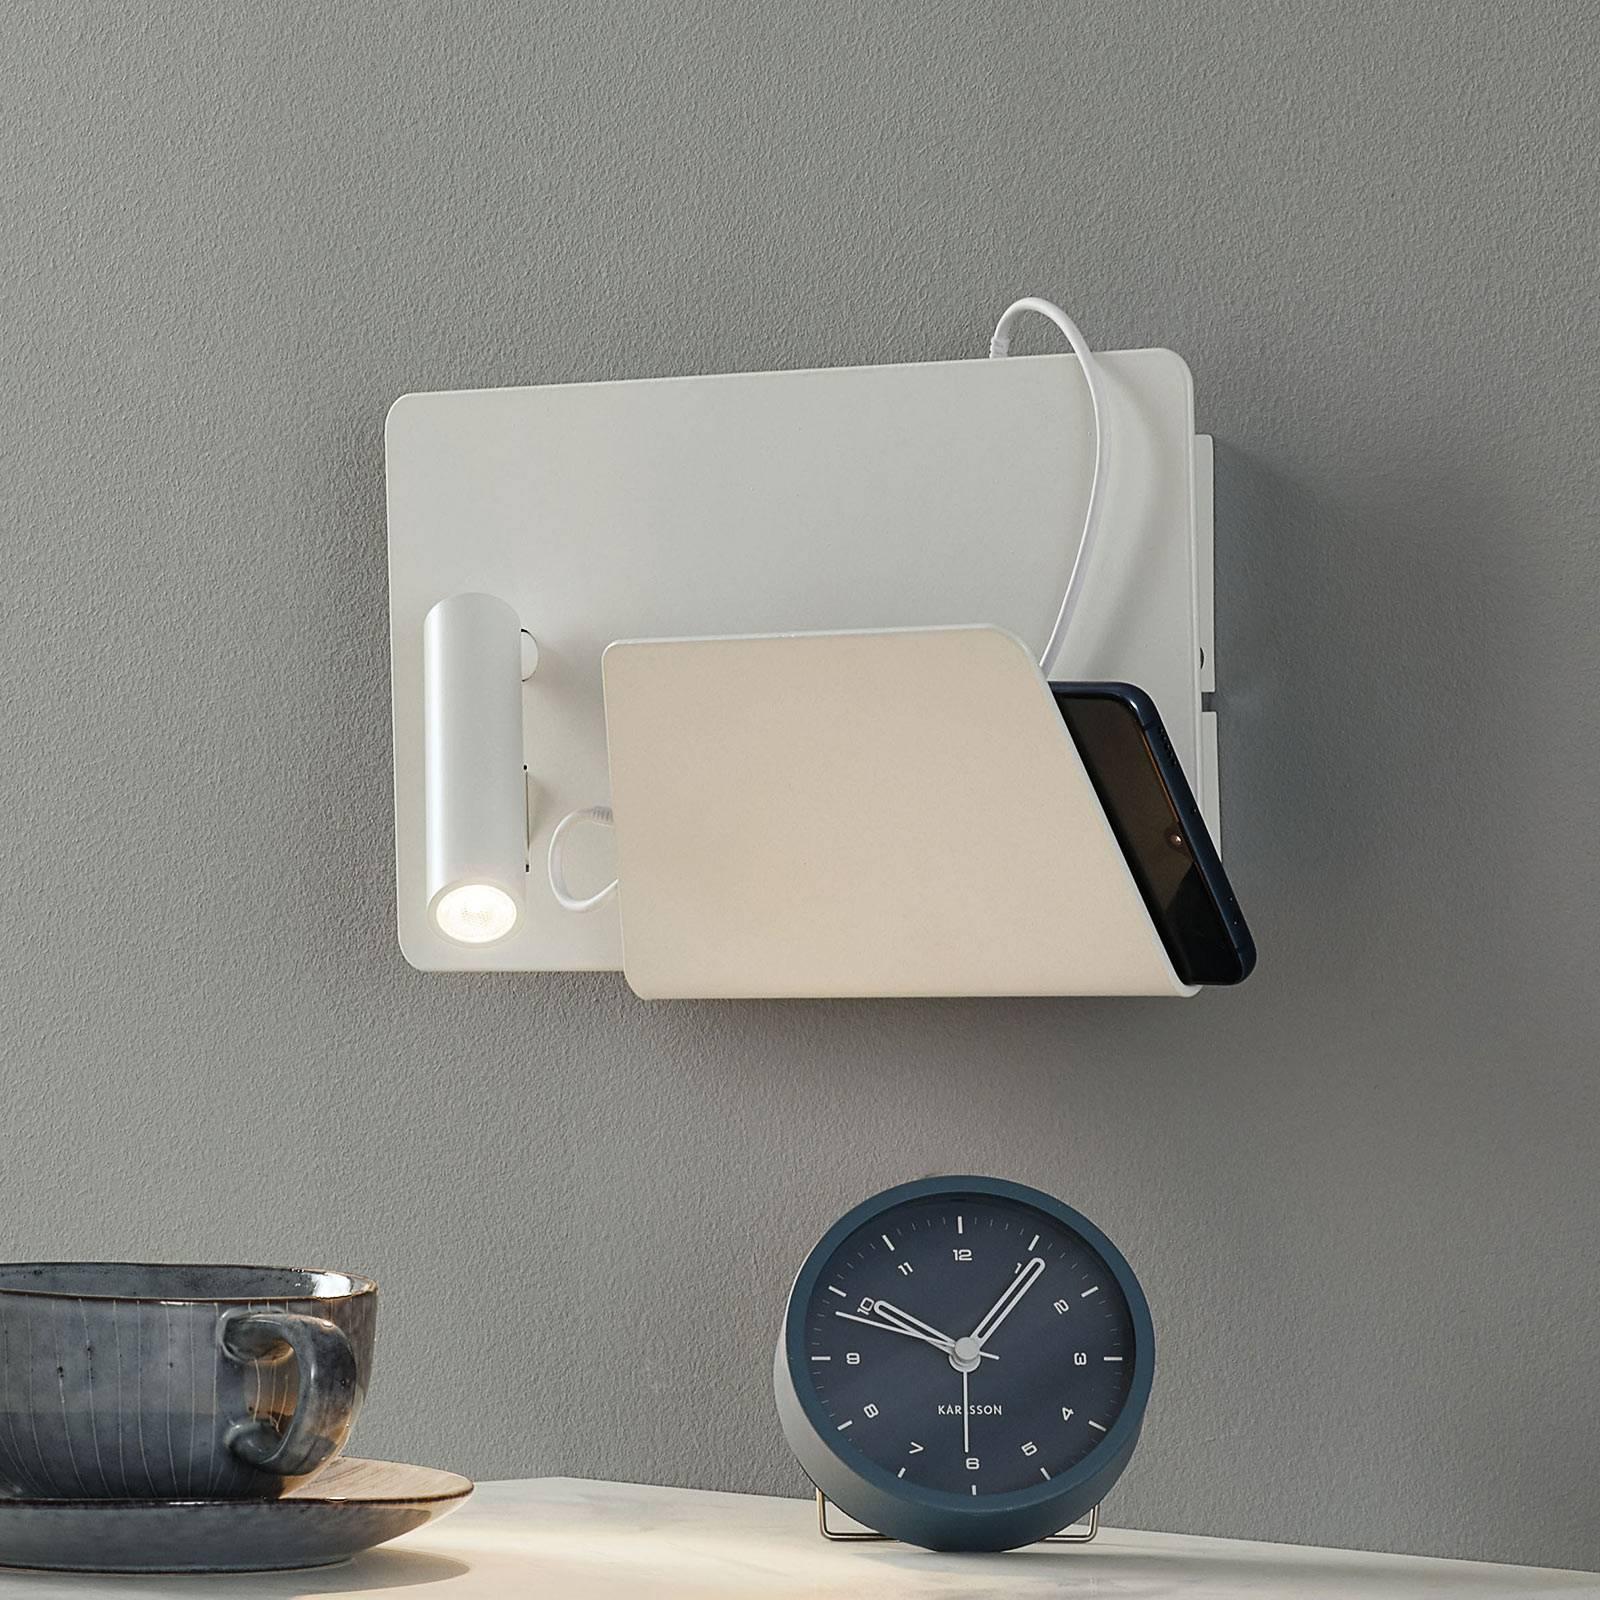 Moderni Suau-LED-seinävalo USB-latausliitännällä